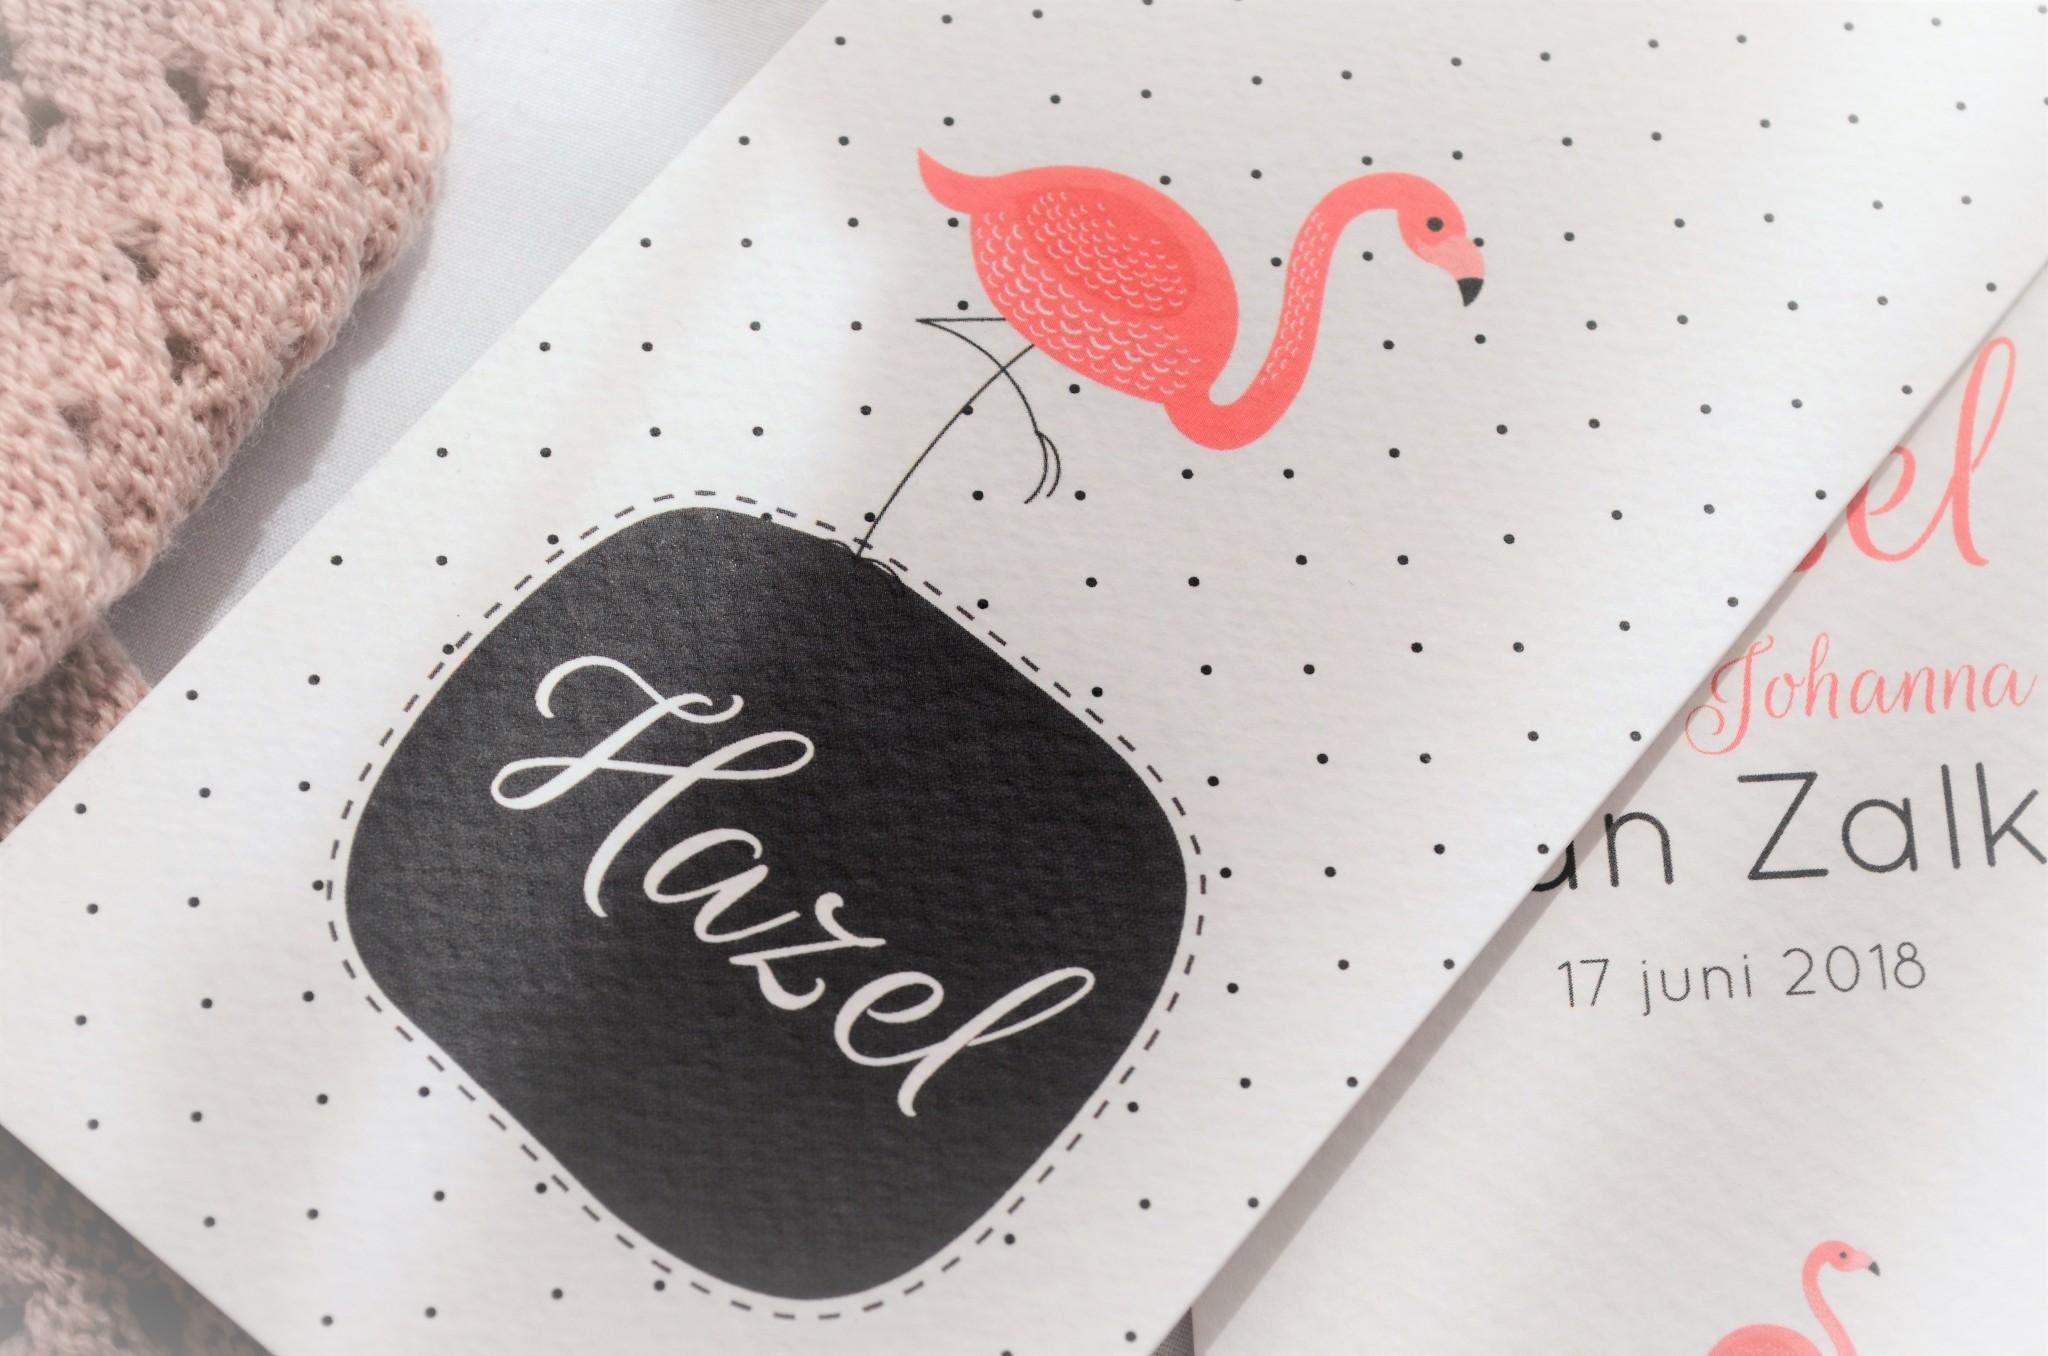 Tijd om het geboortekaartje te laten zien! Ook een proces waar wij veel liefde en aandacht in hebben gestopt. Wij zijn wederom uitgekomen bij dezelfde organisatie waar het kaartje van Fos ook van was, wij wilden namelijk een kaartje die niet heel mainstream genoemd kon worden maar wel gewoon heel tof is. Oh, en een flamingo zou bevatten want tja, flamingo's is leven! Kijk je mee?